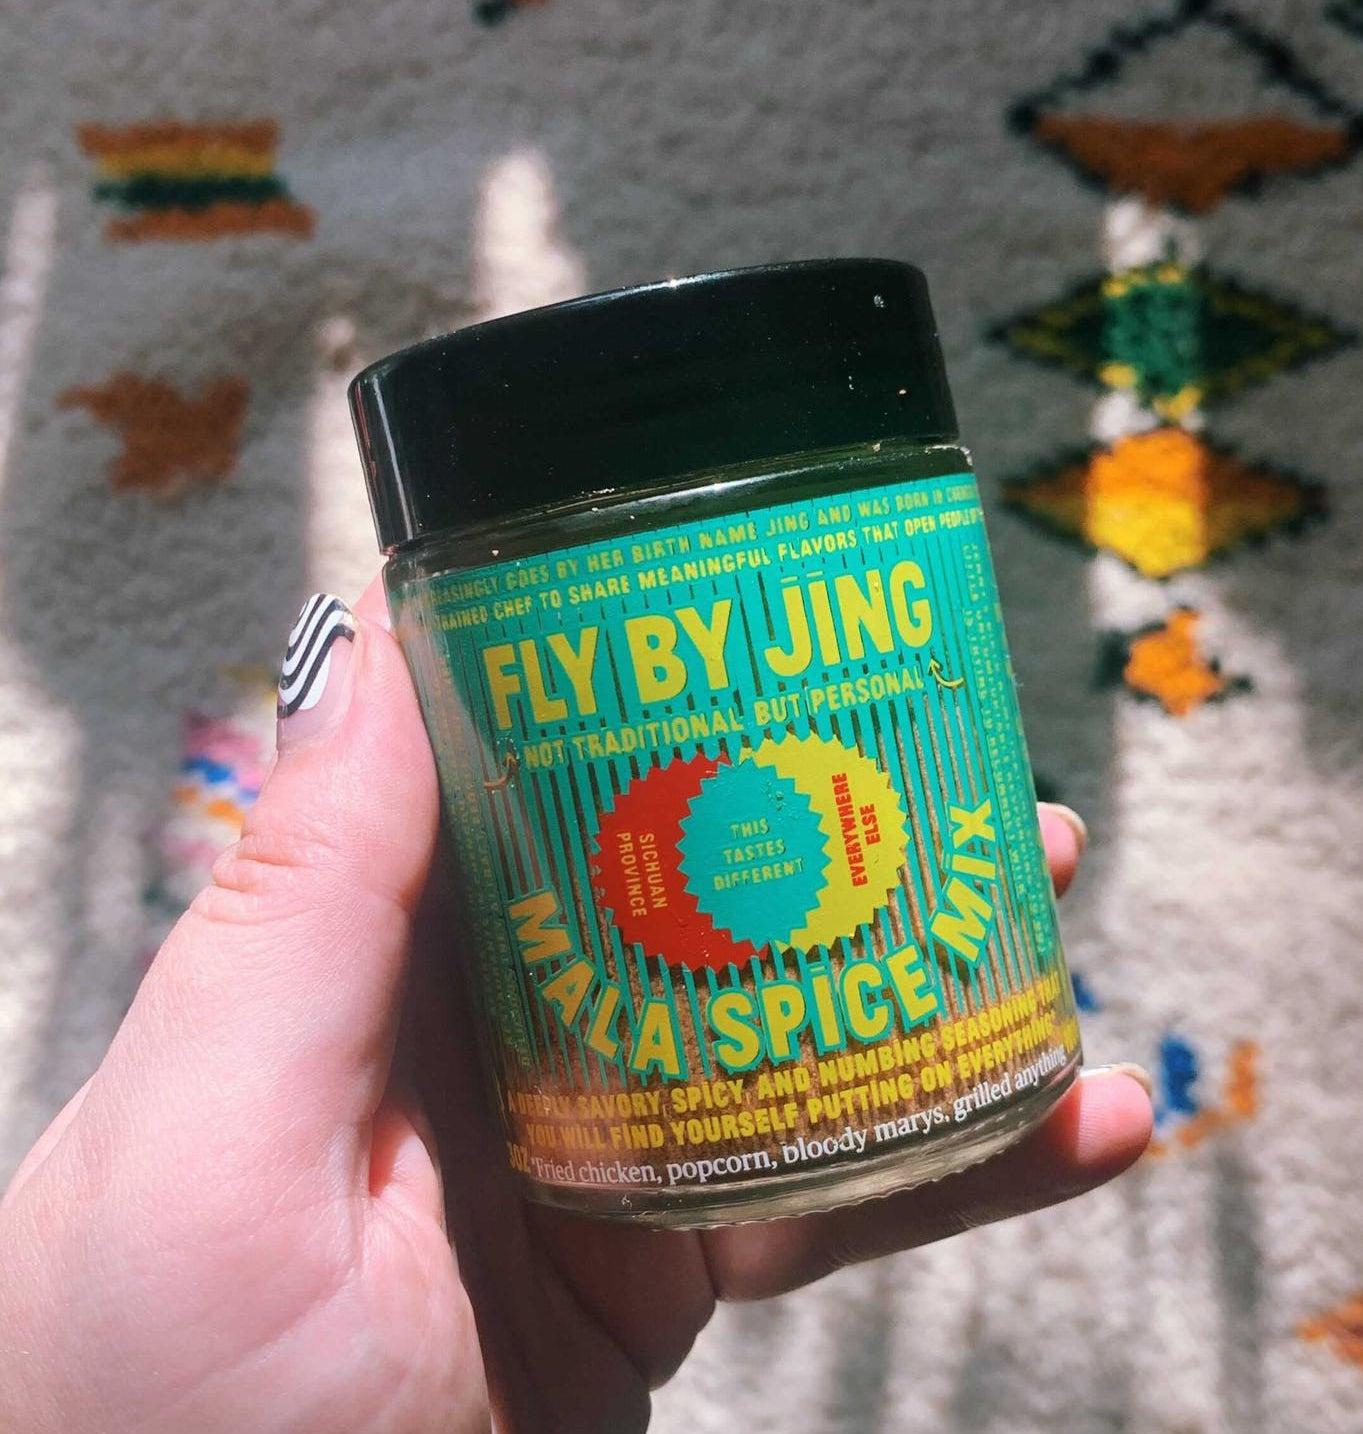 buzzfeeder holding a jar of Mala Spice Mix